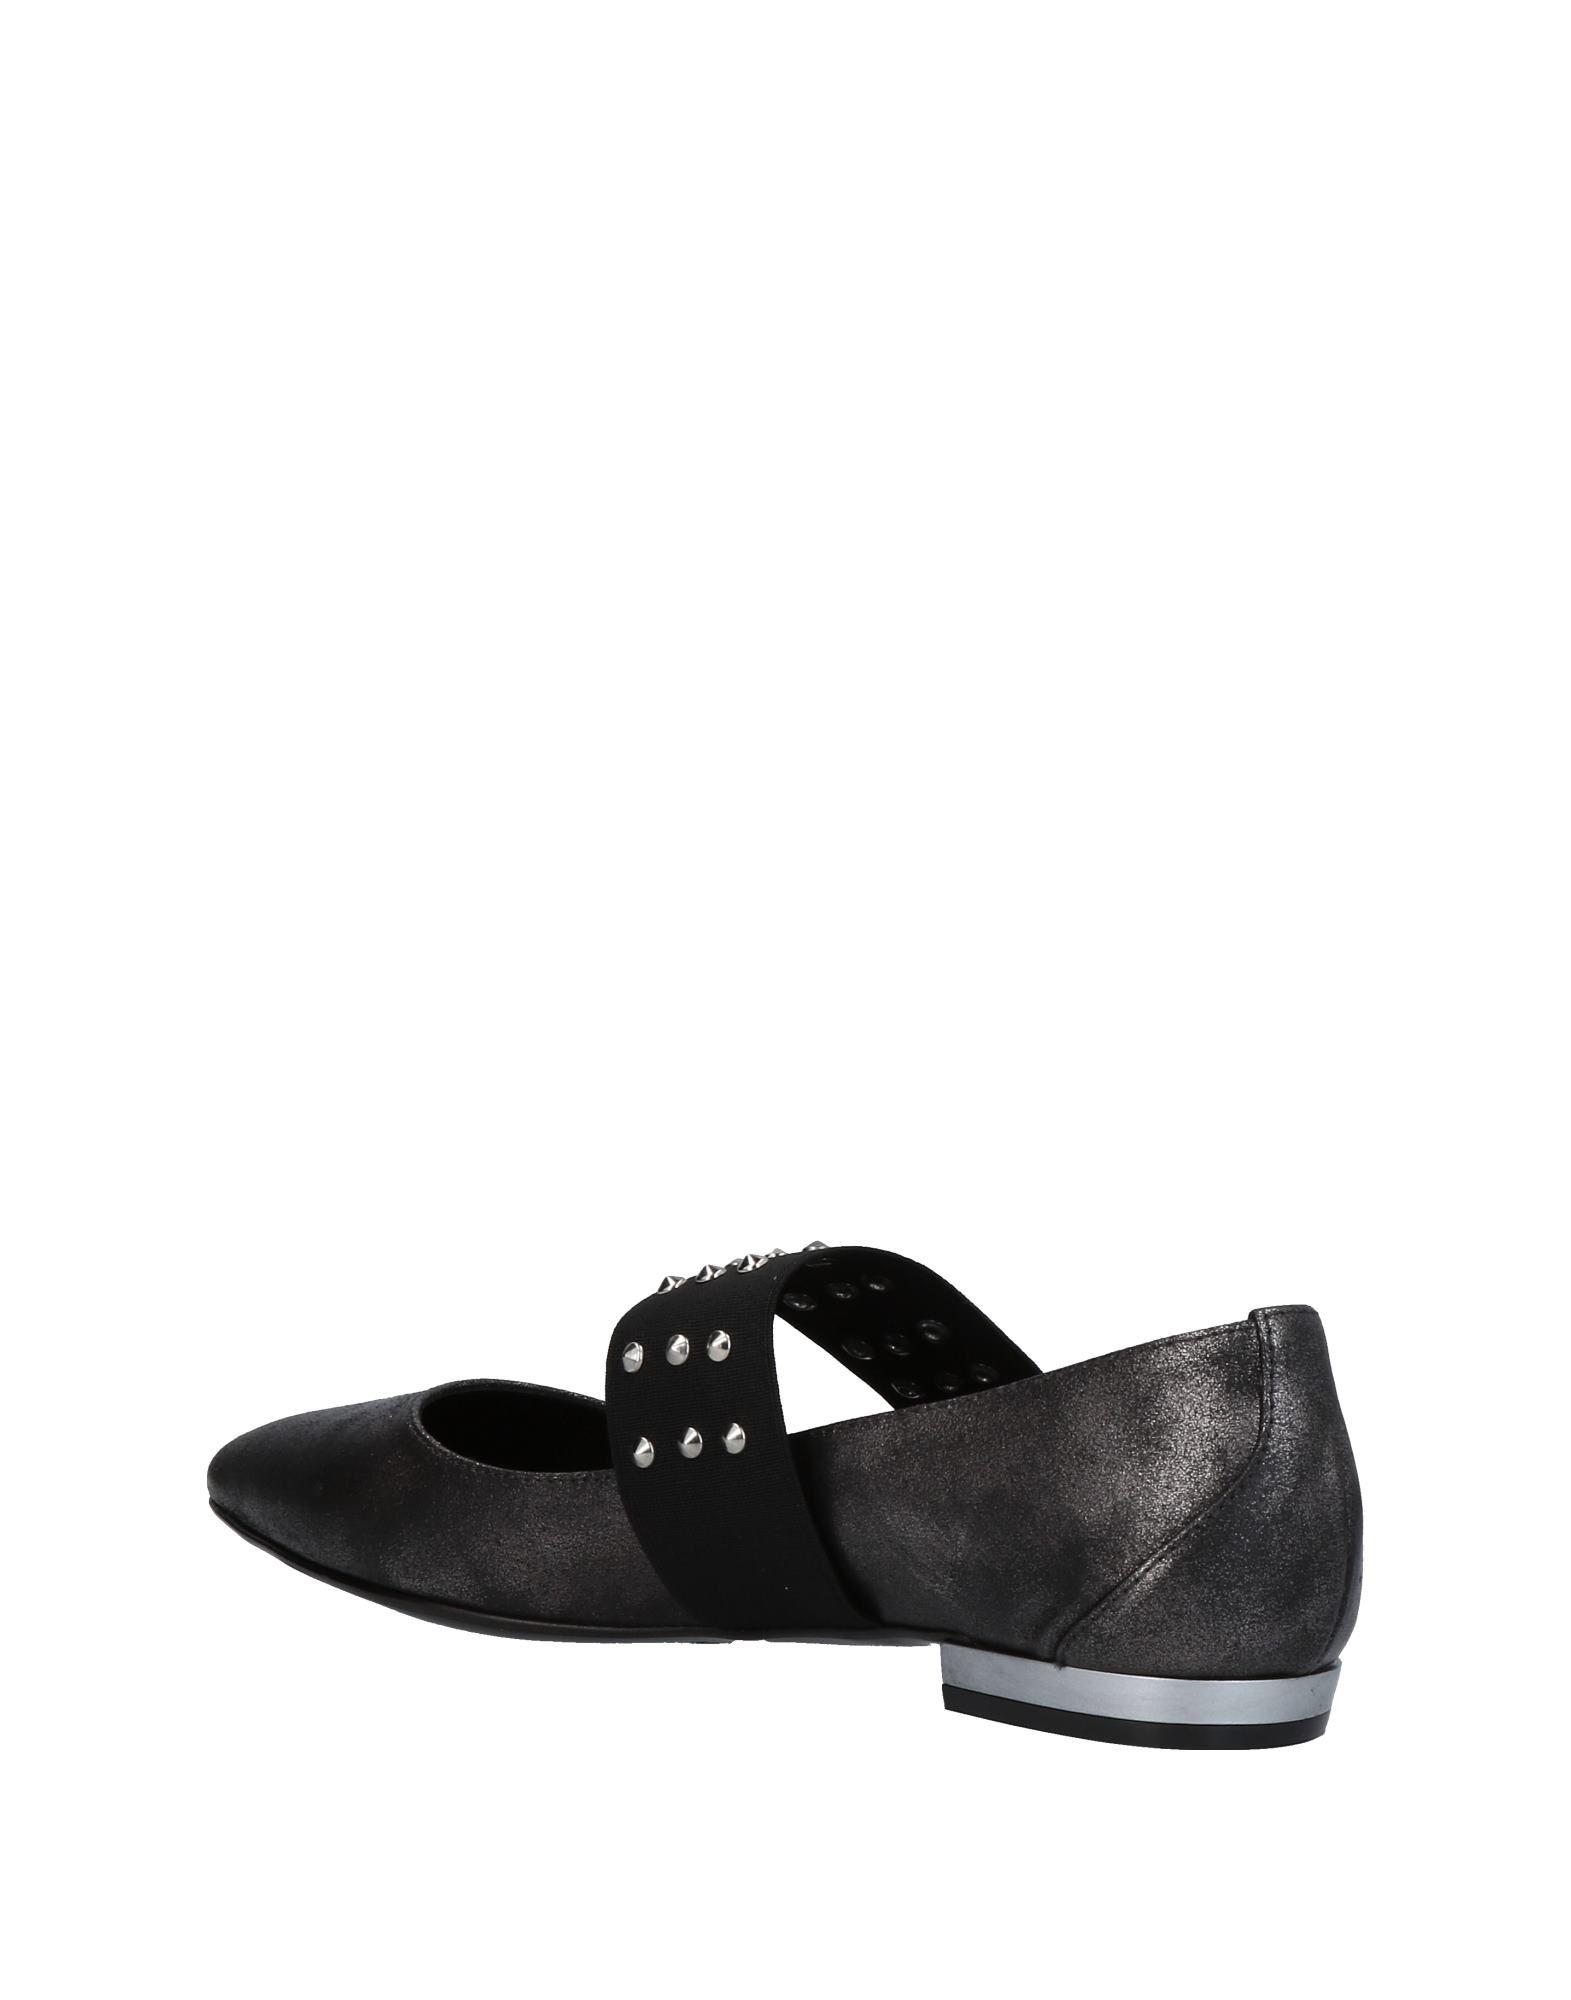 Emanuela Passeri Ballerinas Damen beliebte  11444629FH Gute Qualität beliebte Damen Schuhe 0879ee